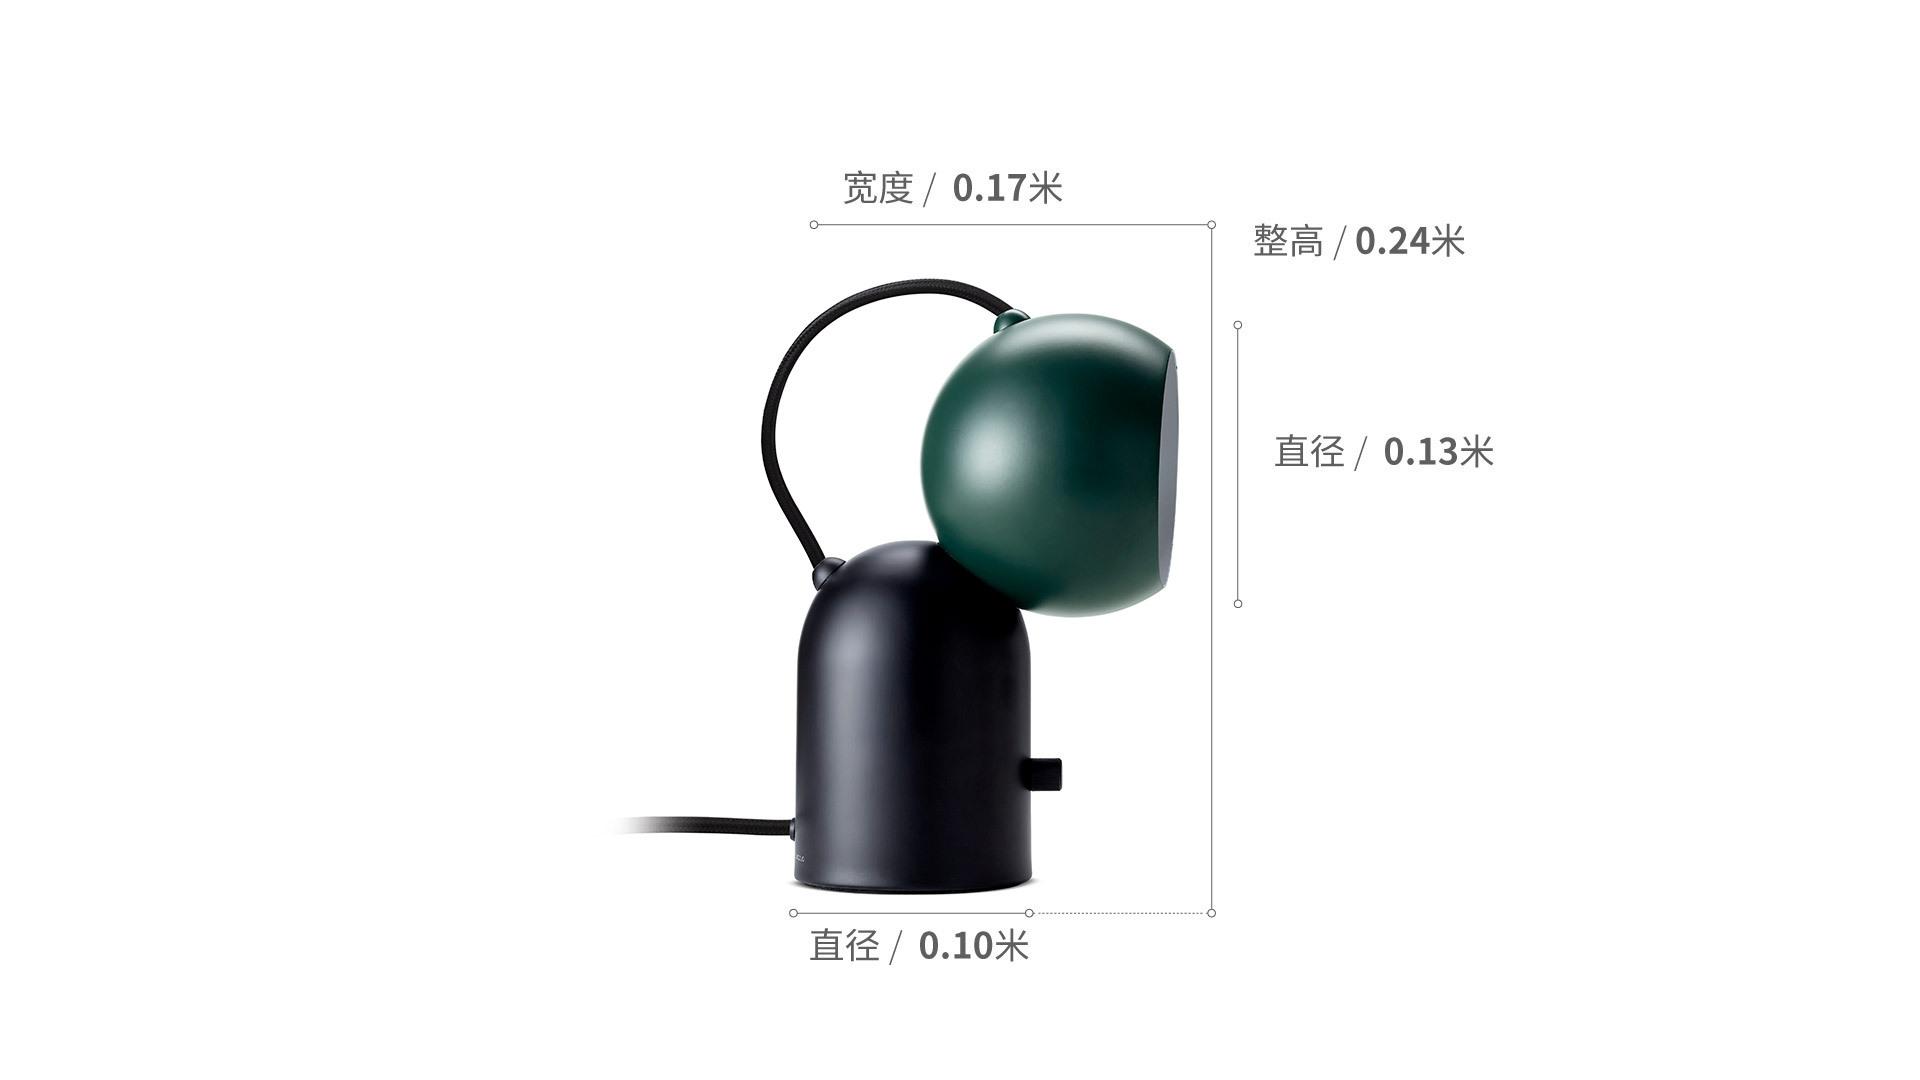 橄榄台灯圆柱款灯具效果图